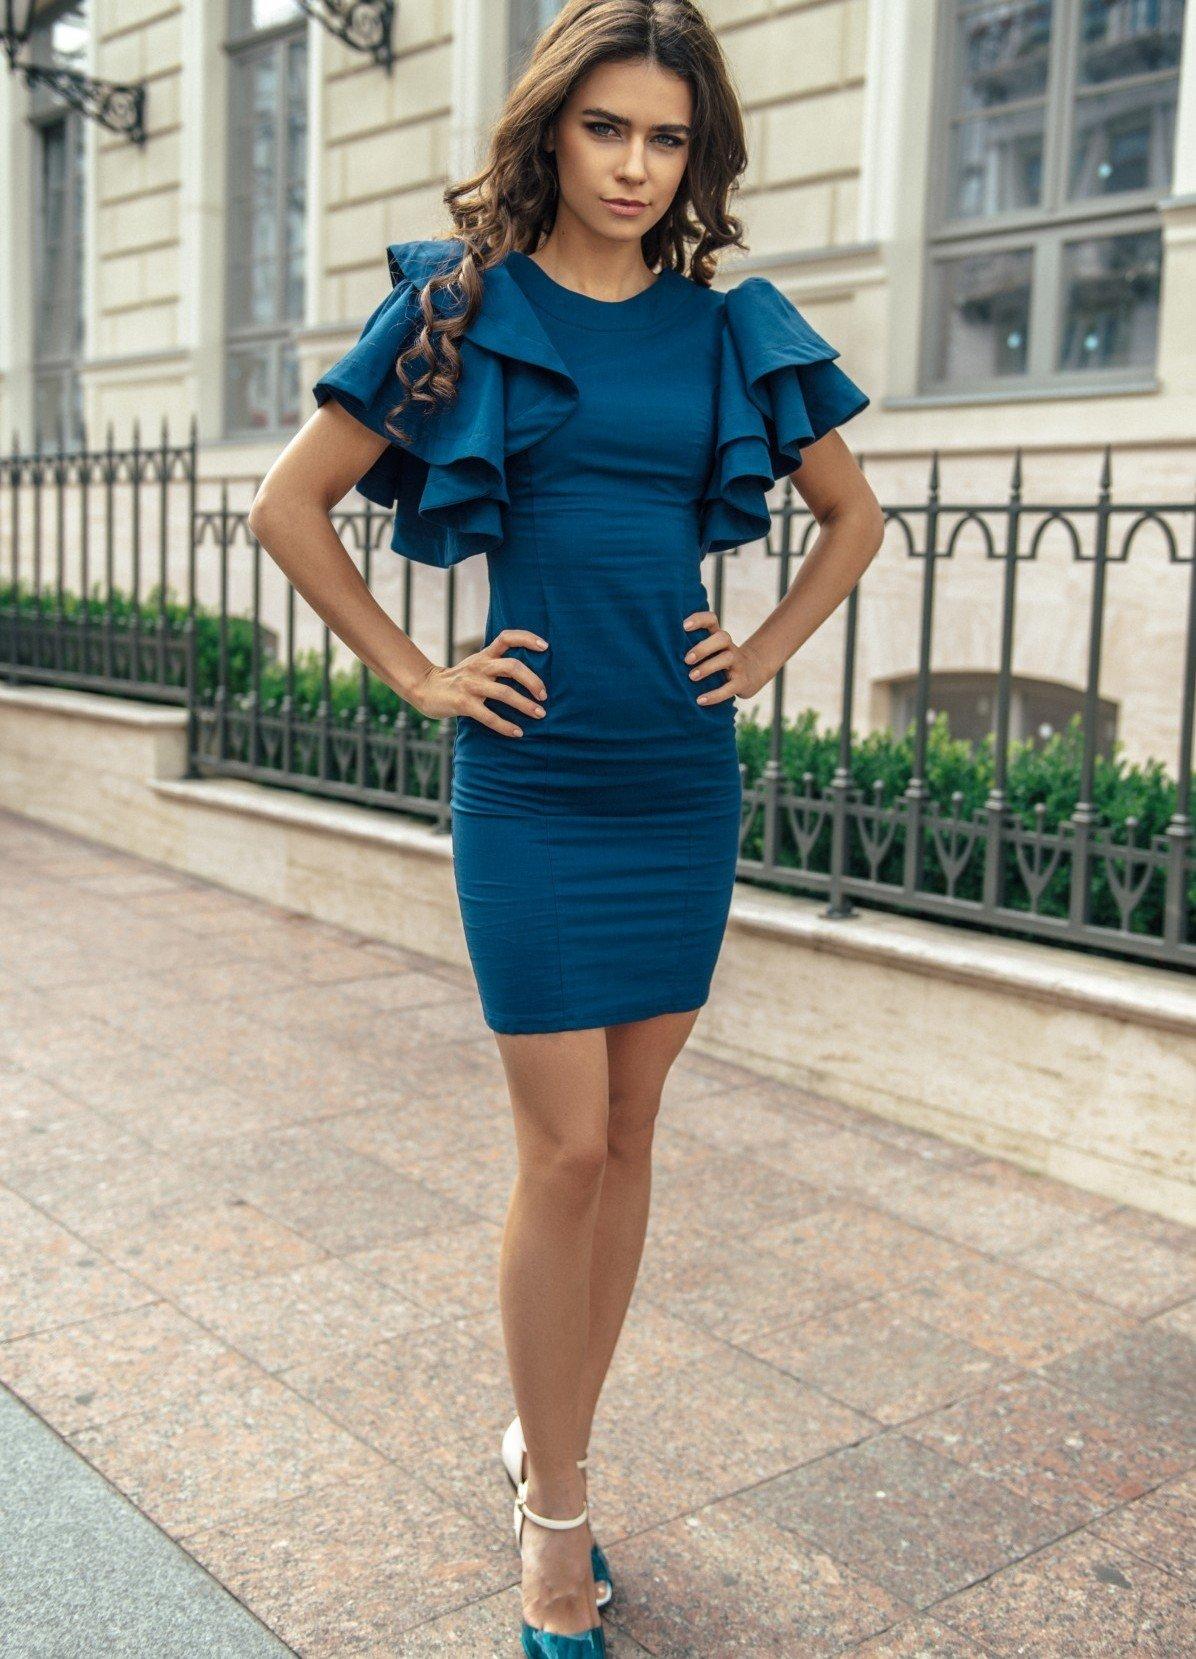 модное синее нарядное платье для офиса 2018 с объемными рукавами